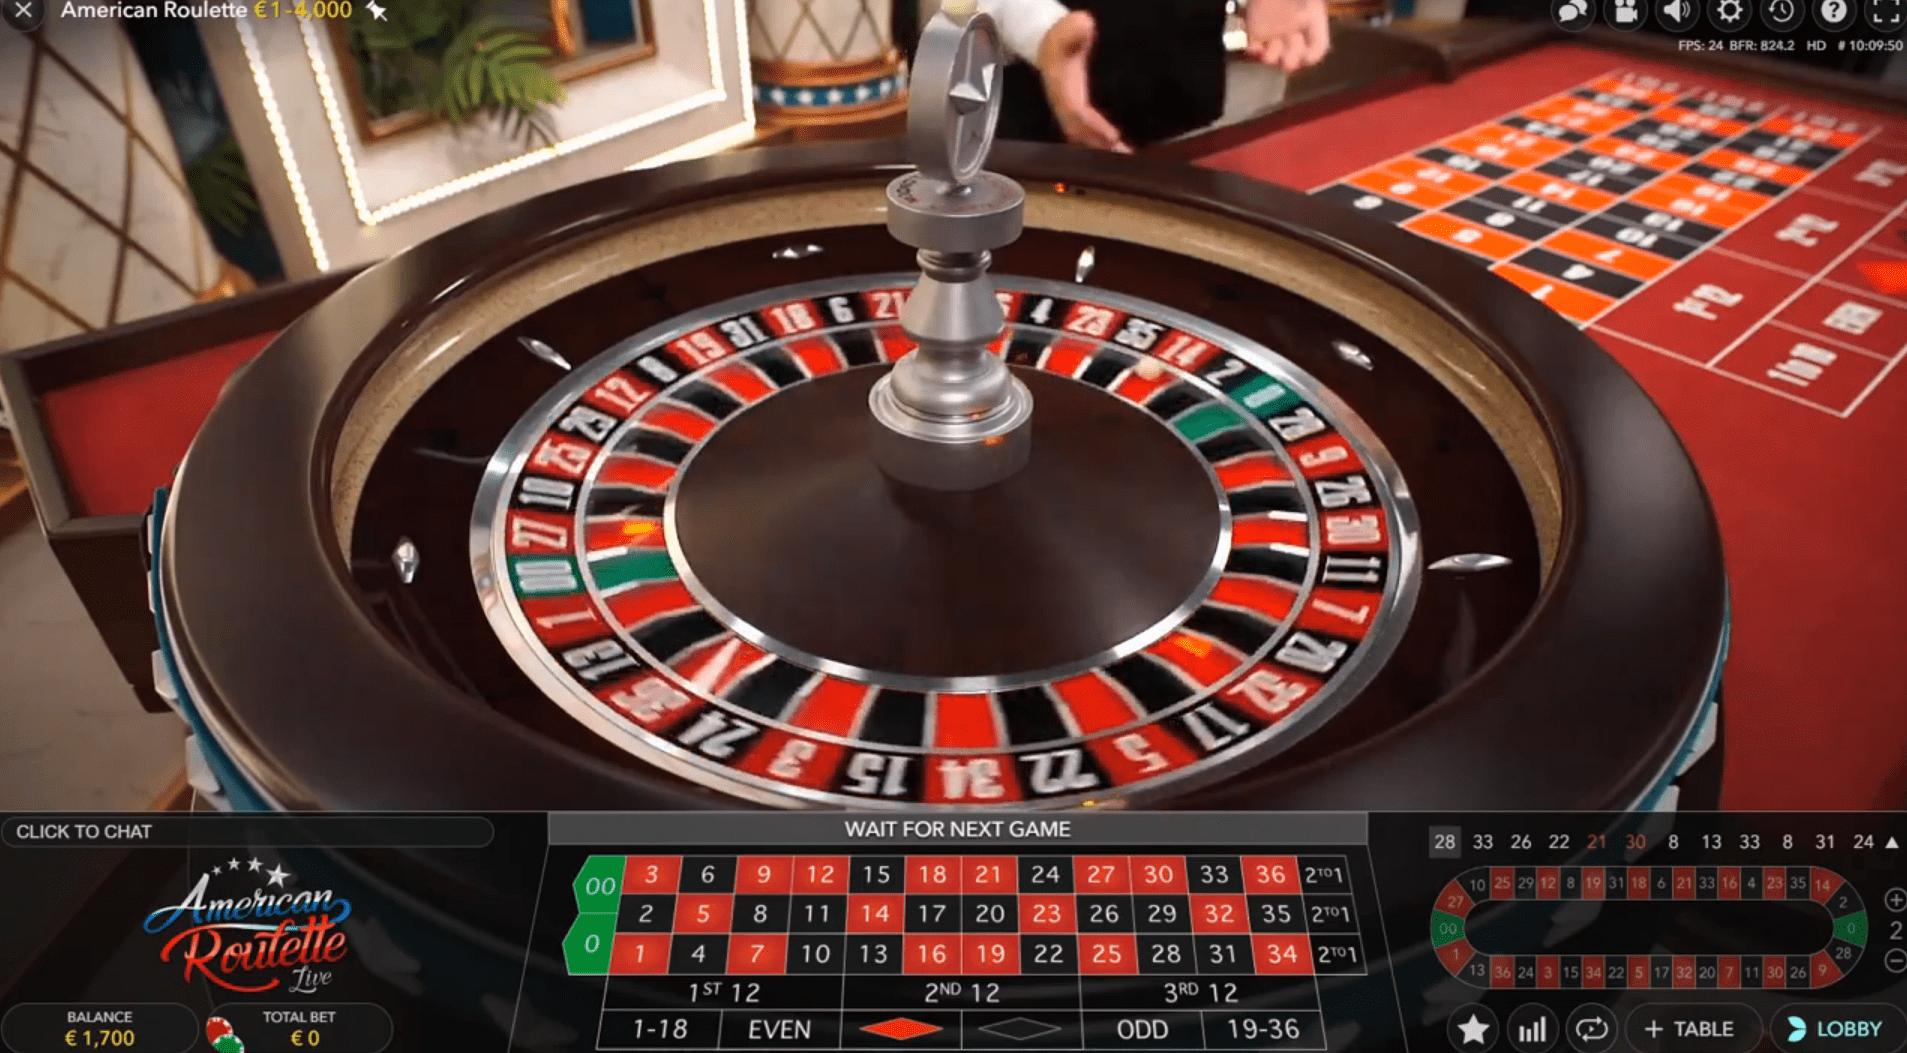 amerikanisches roulette spielen